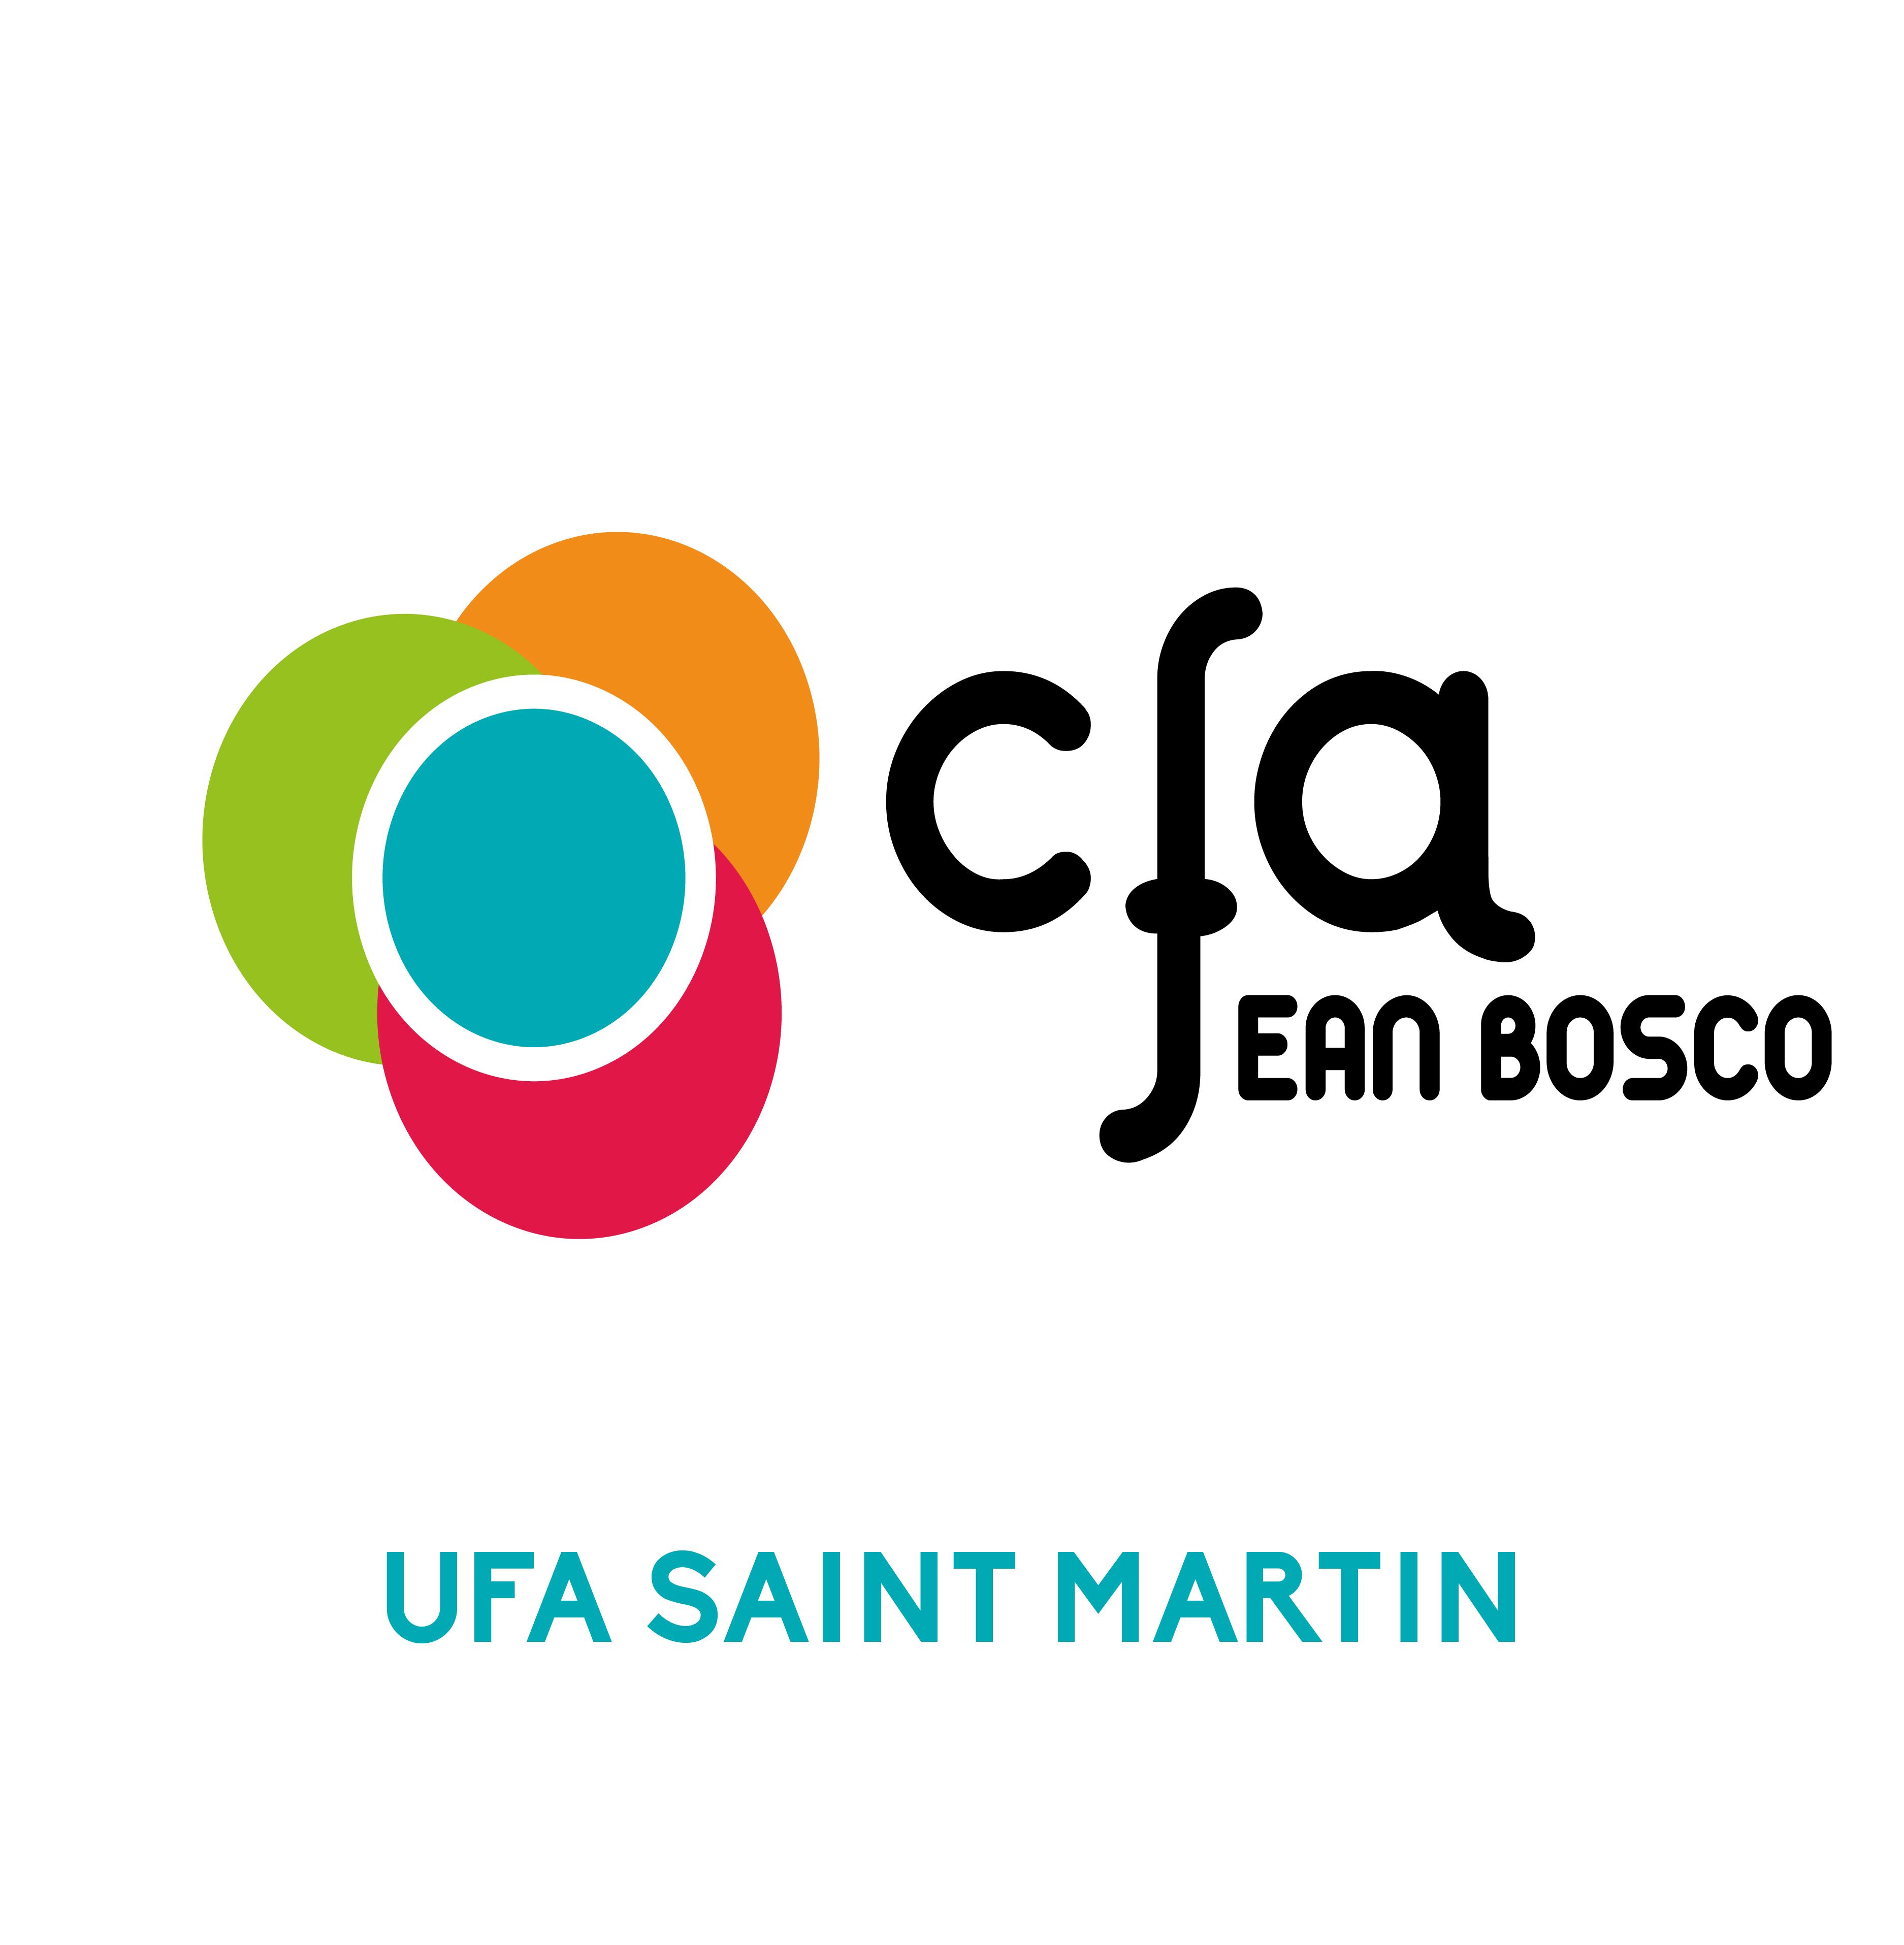 LOGO CFA-SAINT-MARTIN-22